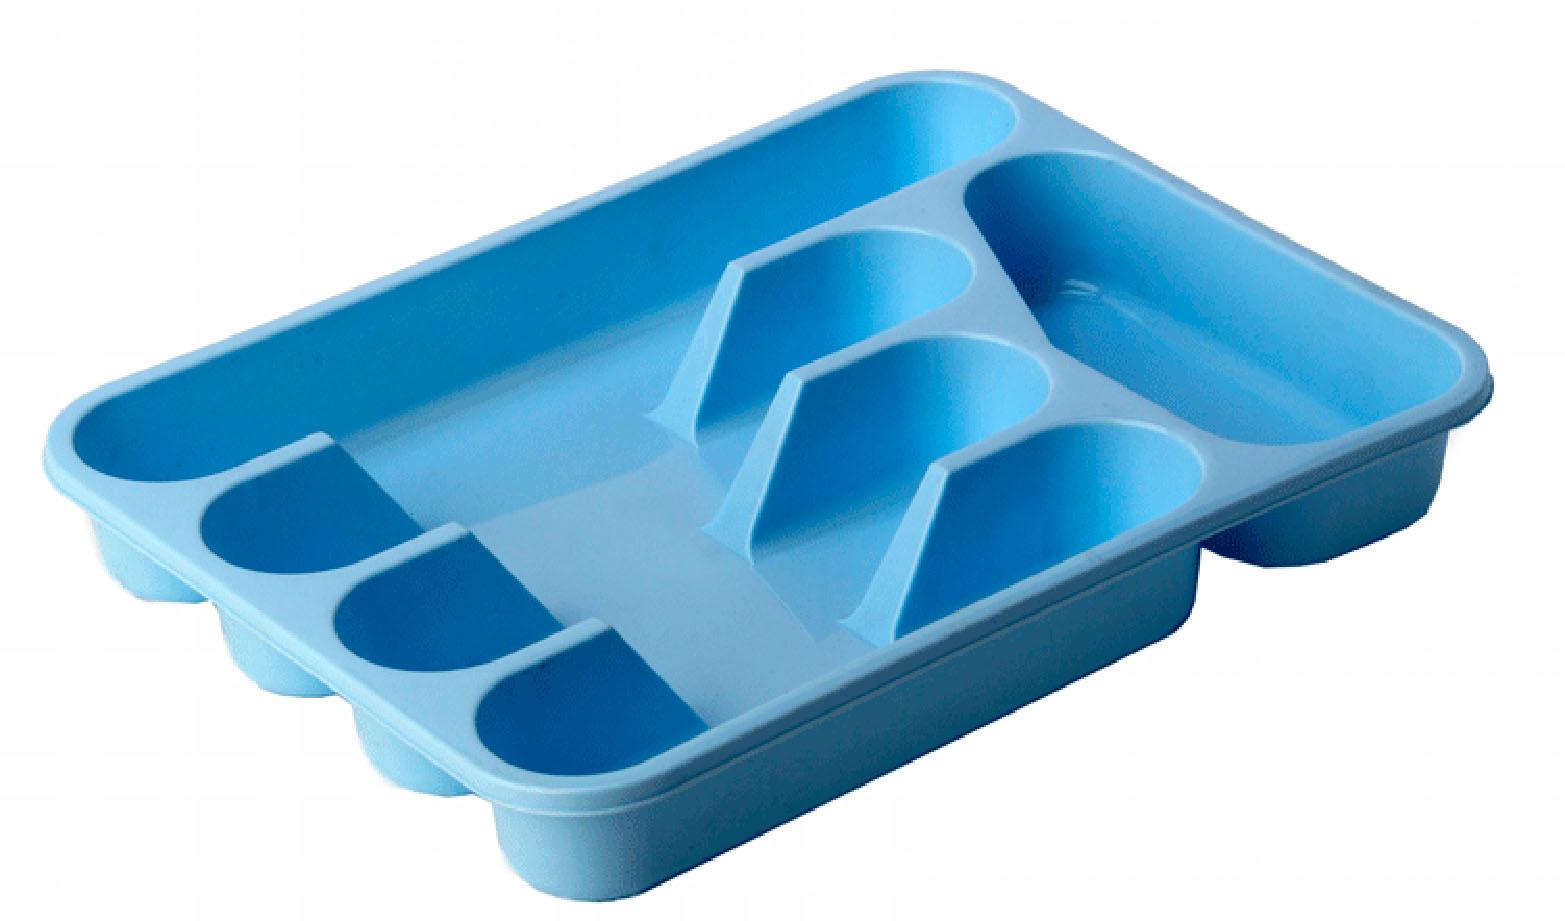 Лоток для столовых приборов Idea, цвет: голубой, 33 х 26 смМ 1140Лоток для столовых приборов Idea изготовлен из прочного пластика. Изделие имеет 3 одинаковых секции для столовых ложек, вилок и ножей, секцию для чайных ложек и длинную секцию для различных кухонных принадлежностей. Лоток помещается в любой кухонный ящик.